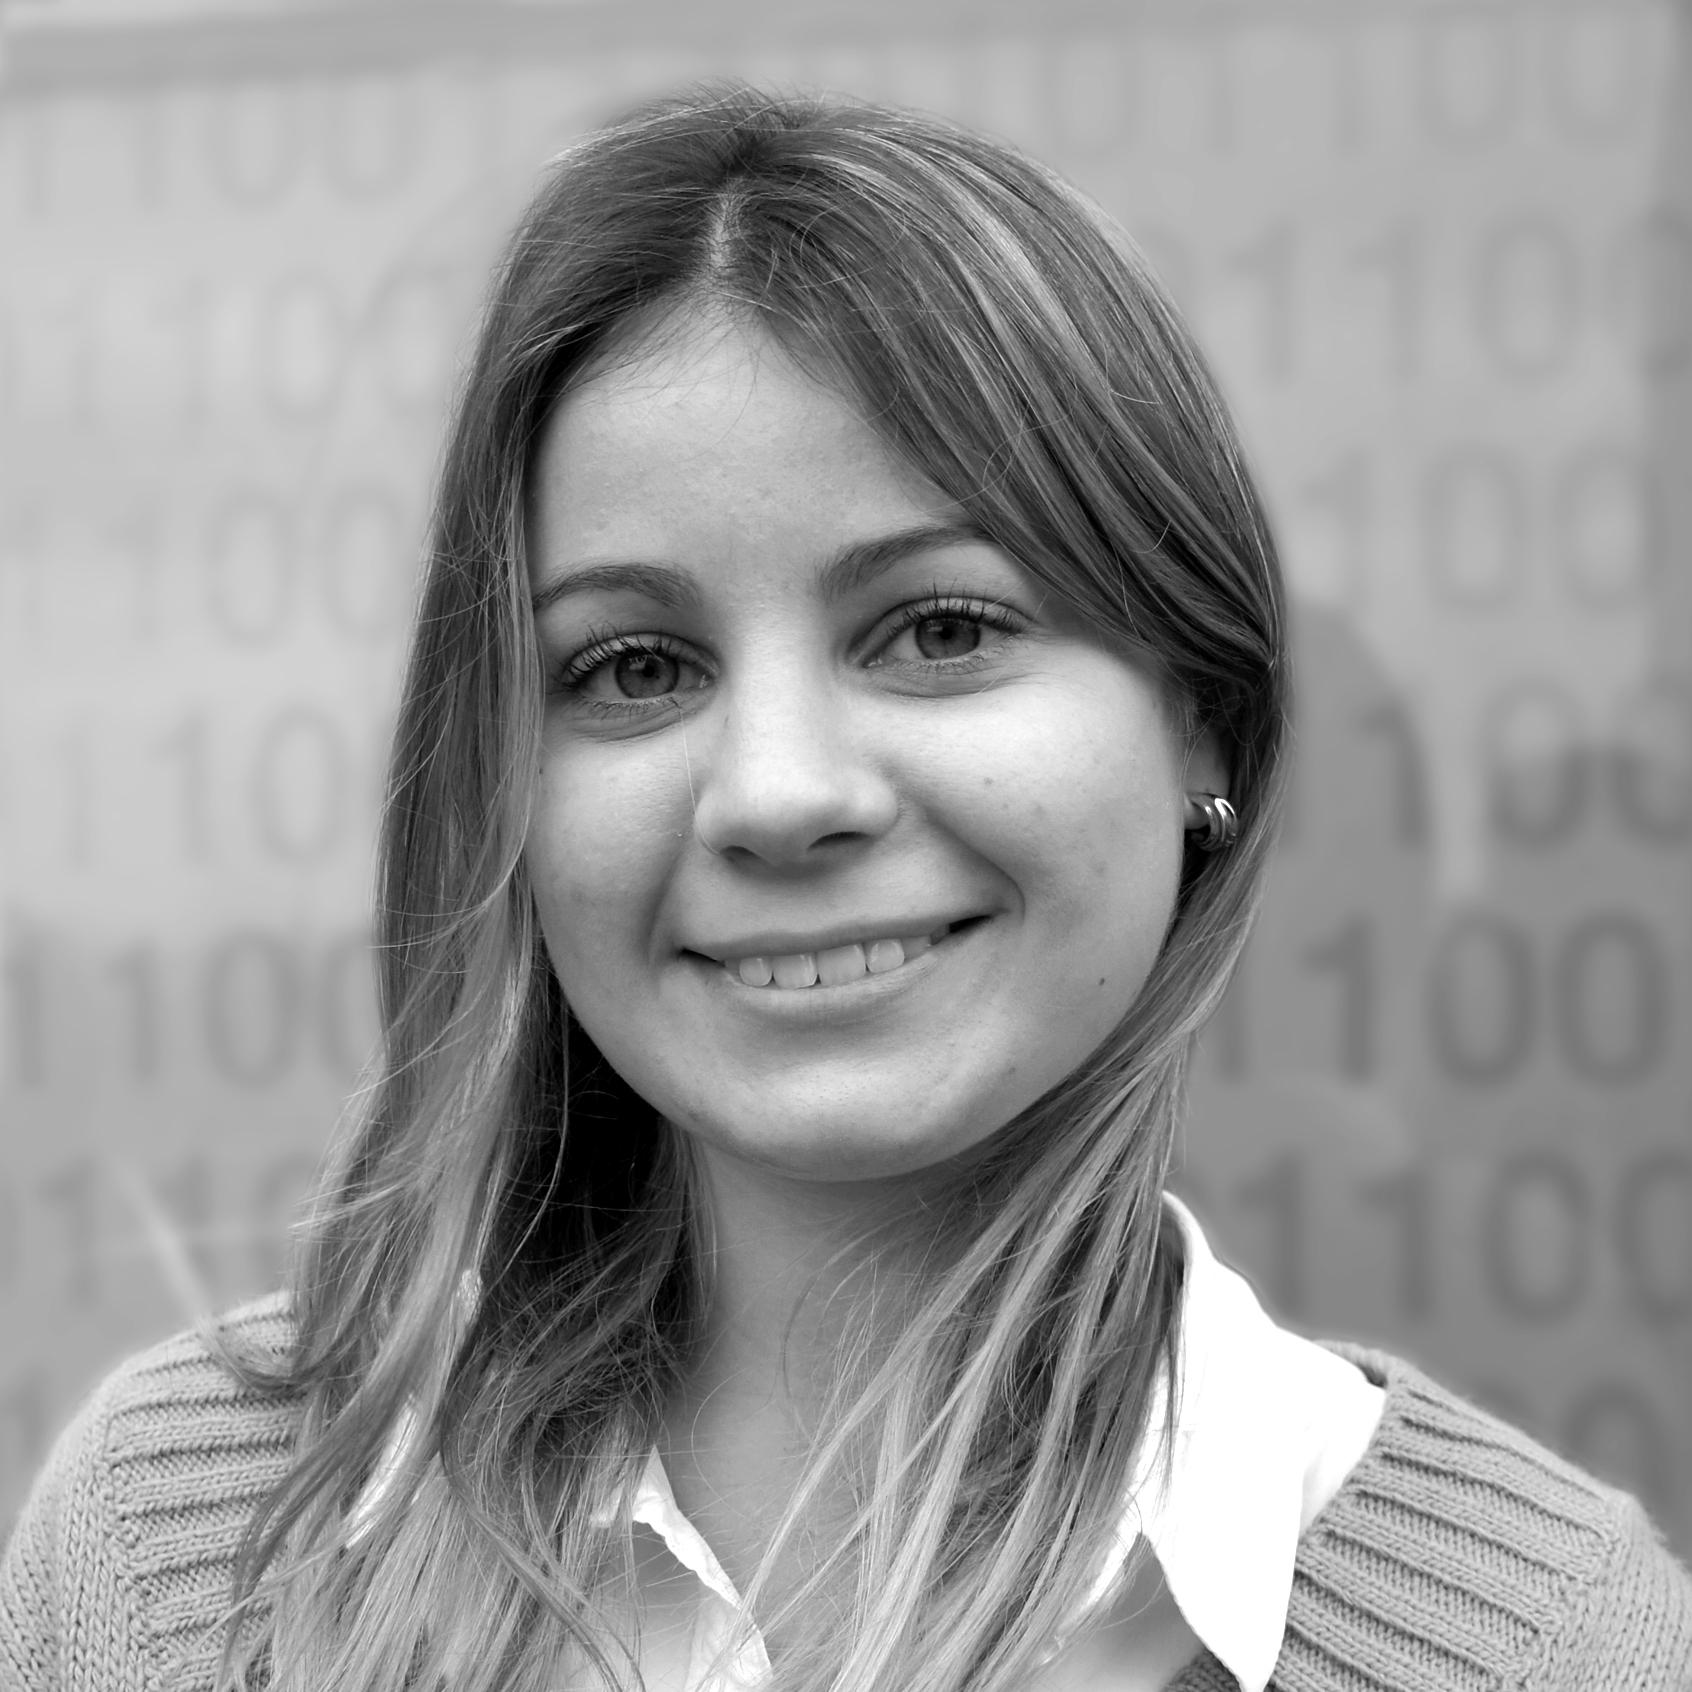 Aitana García Delgado